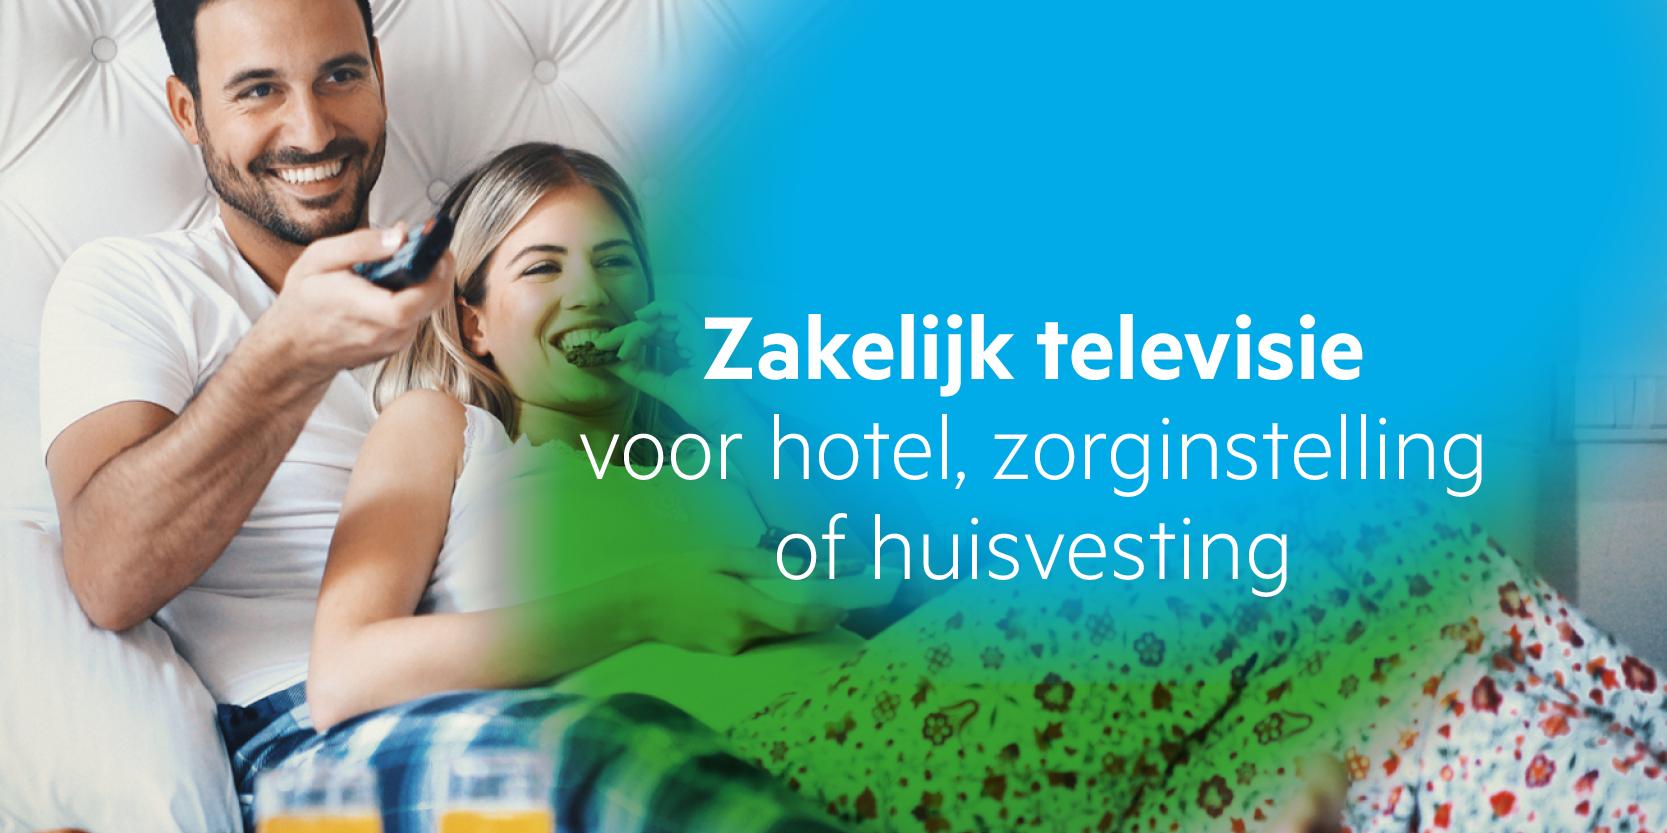 zakelijk tv kijken voor hotel, zorg en huisvesting